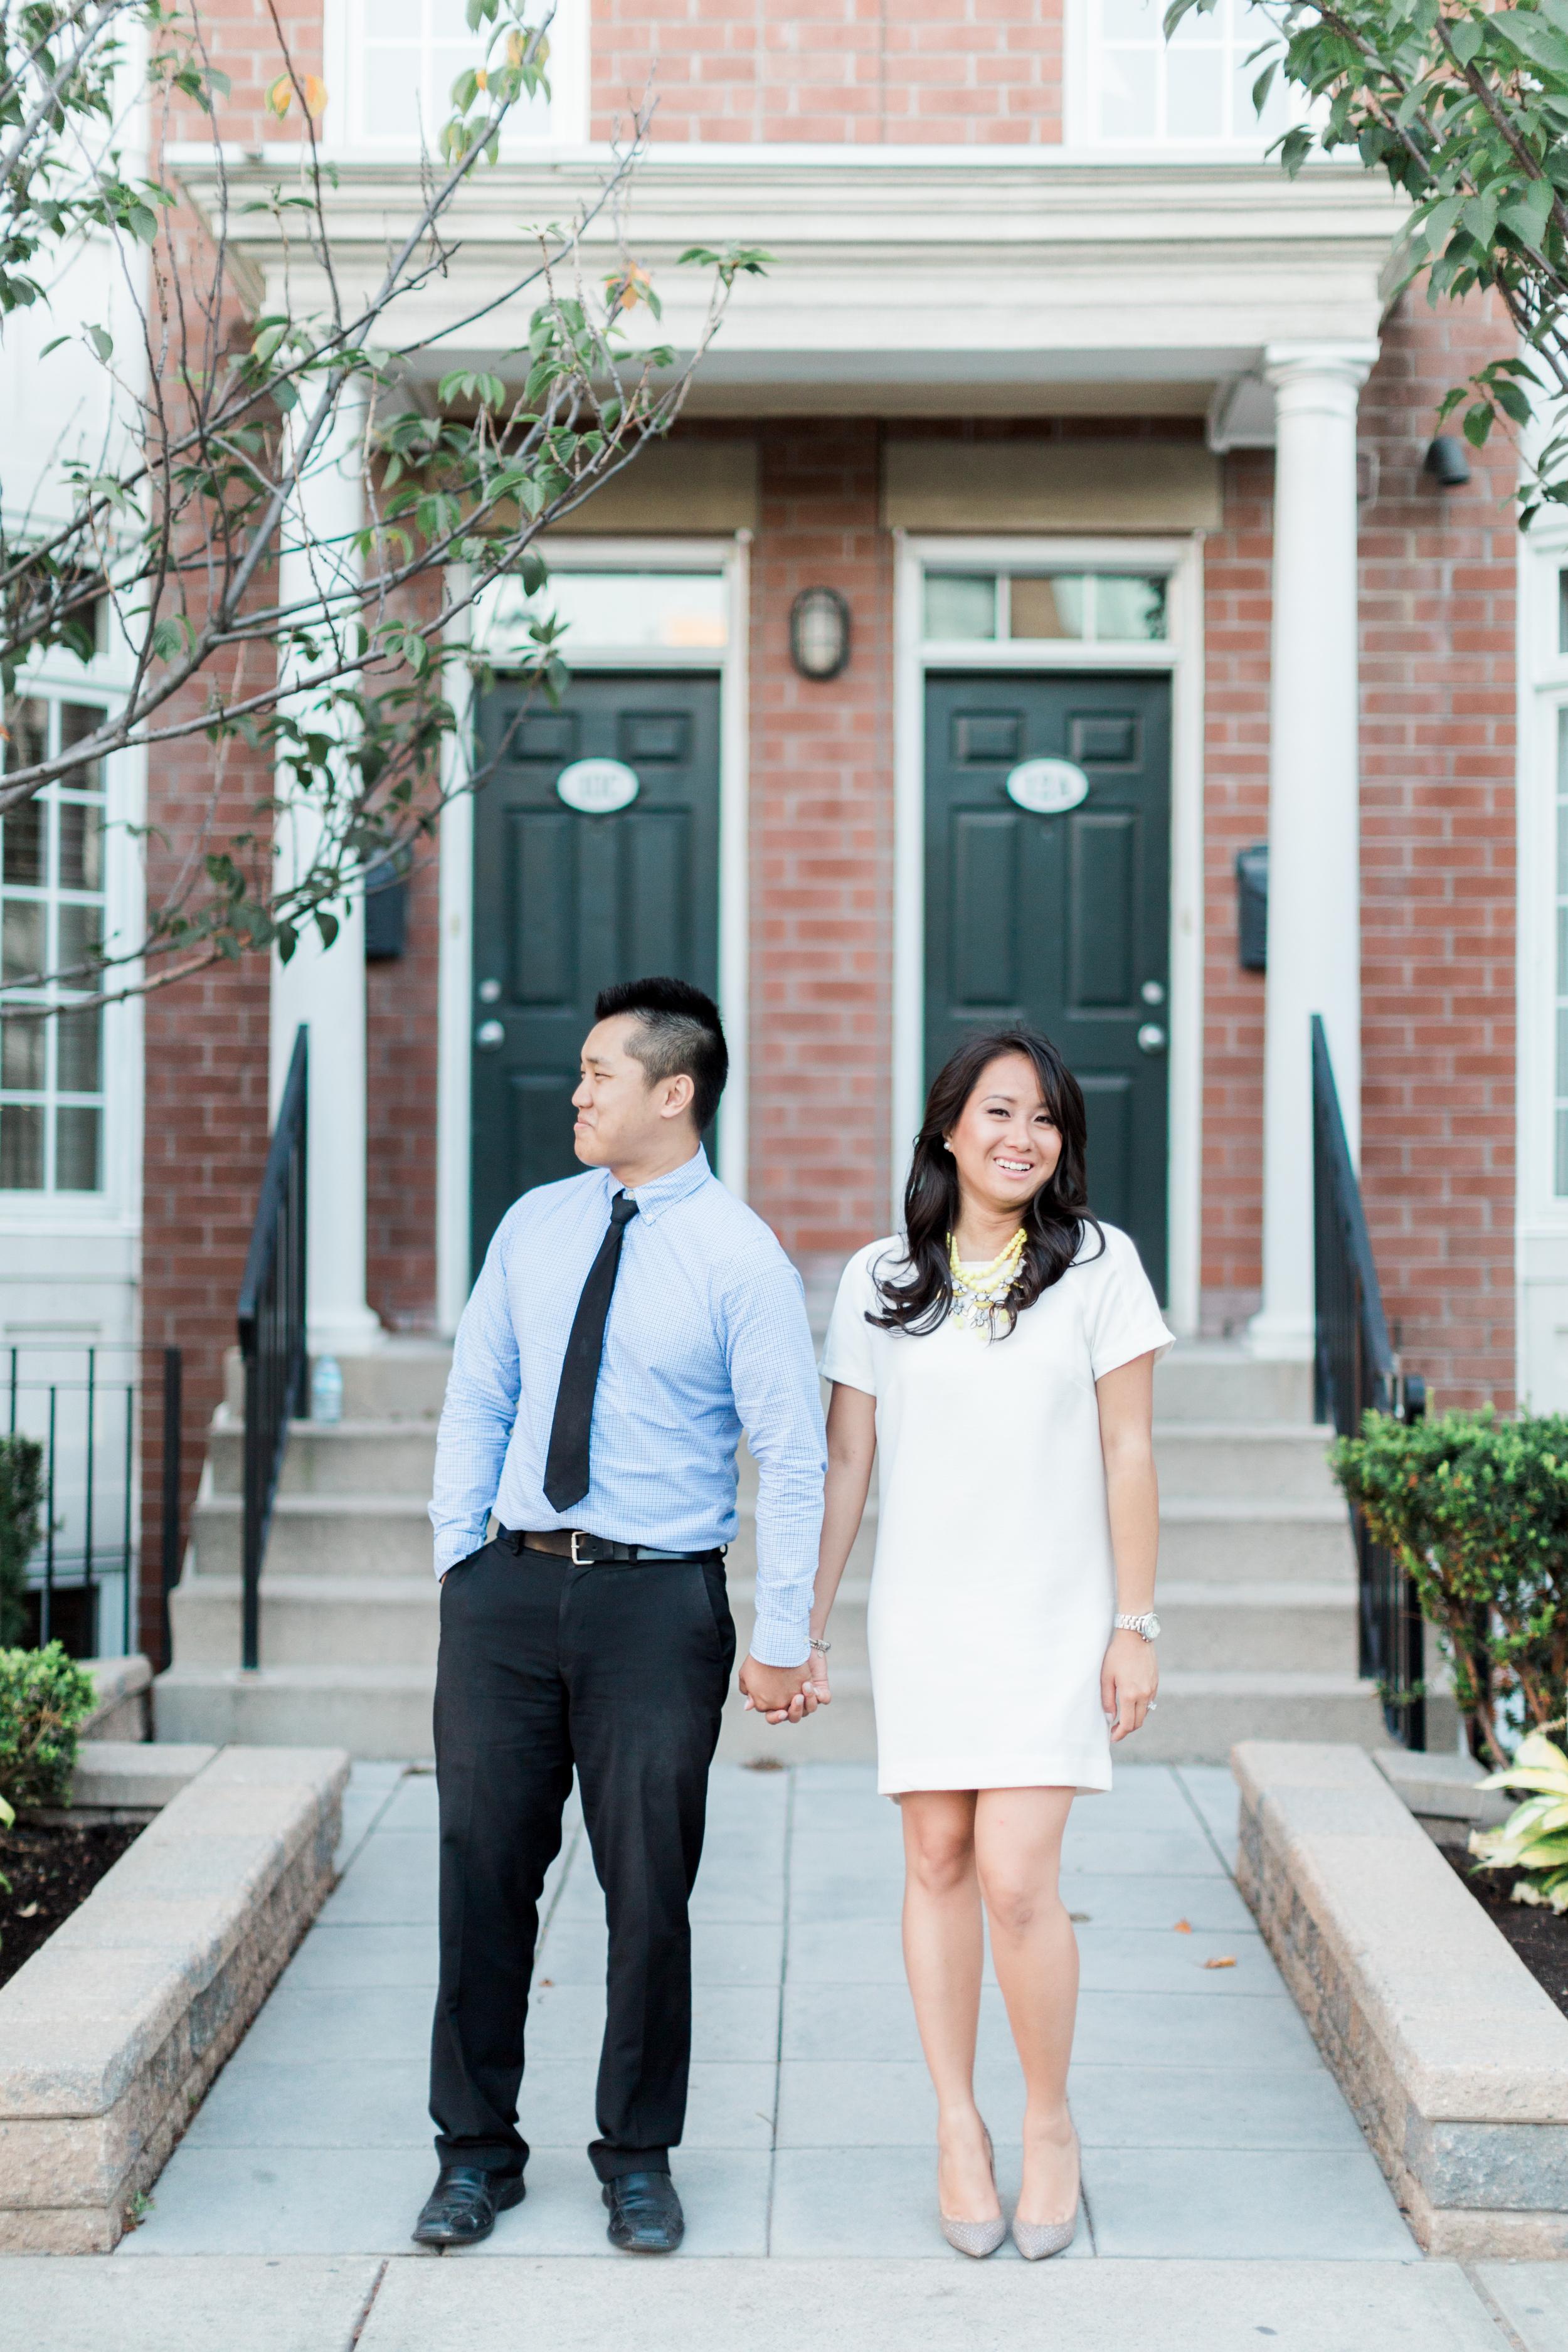 Karen & Alan Engagement-_MG_2023.jpg